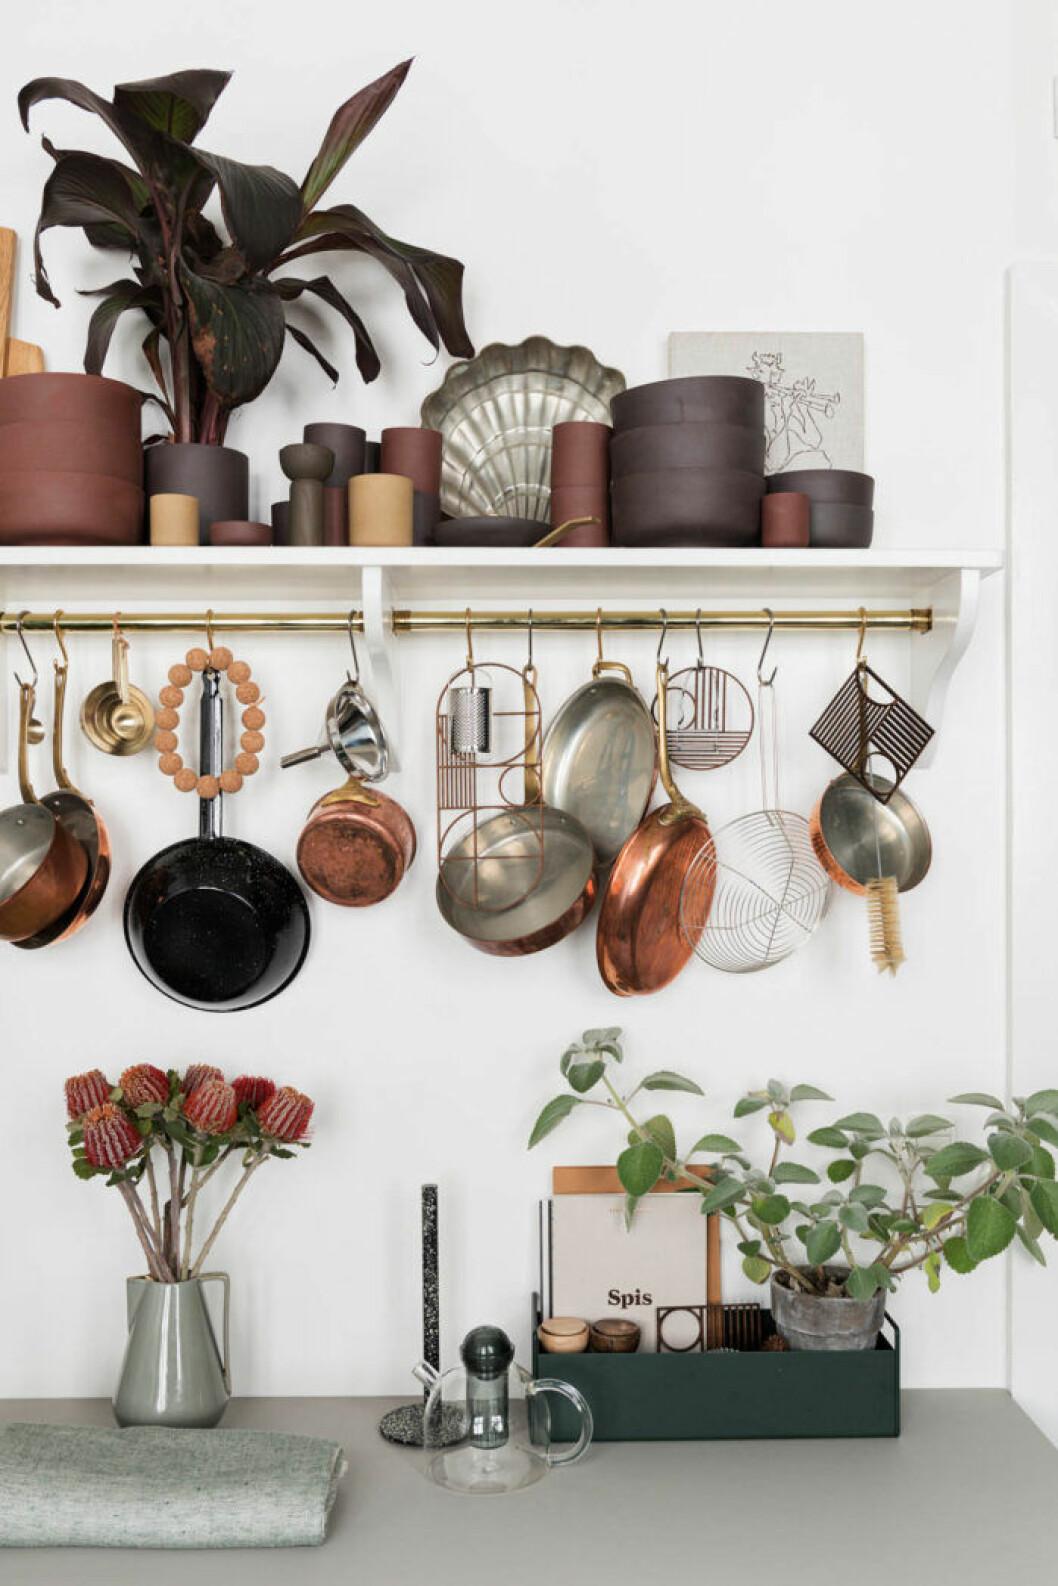 Trendigt i köket: Växter och snäckformer